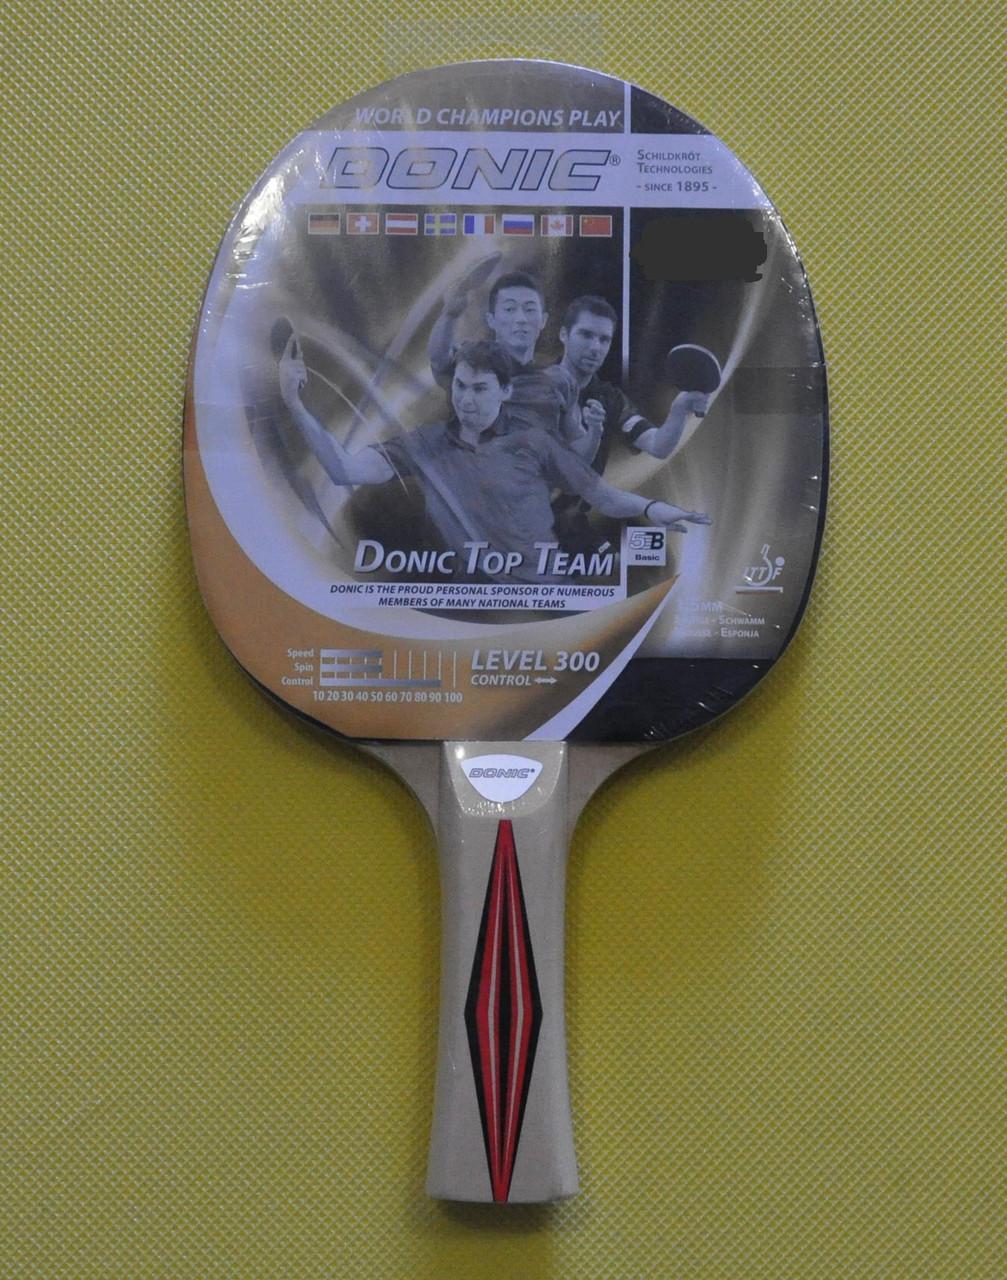 Ракетка для настільного тенісу DONIC 300 TOP TEAMS 705030 deef84f544ca3